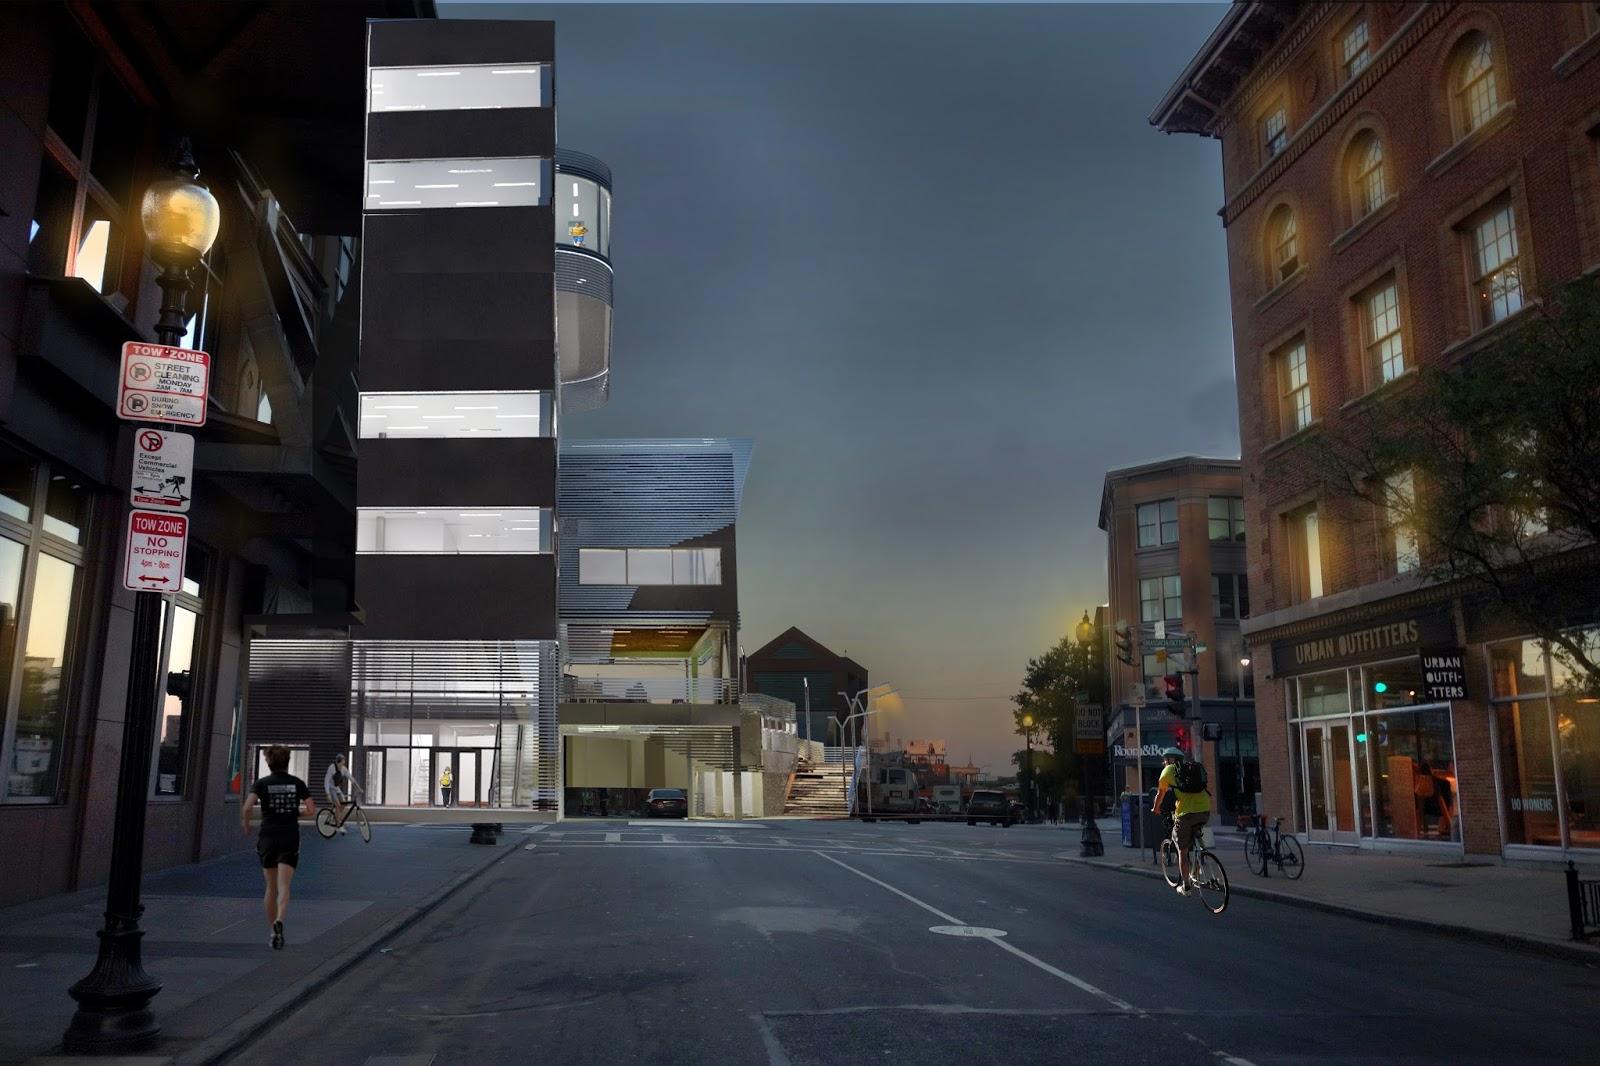 Boston Architectural College Studio4 Project (Academic Project)